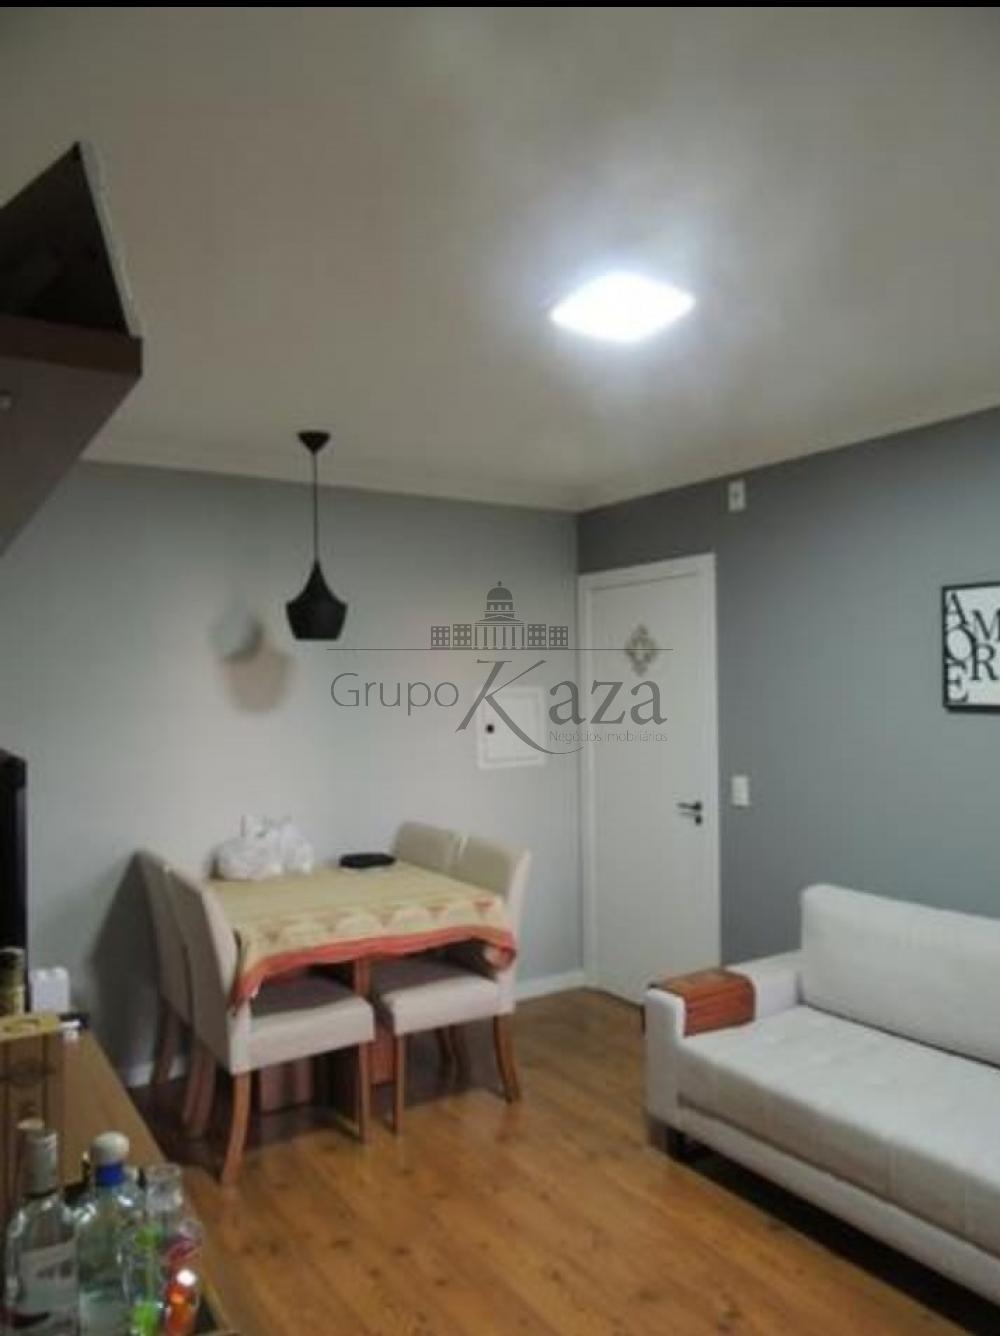 alt='Comprar Apartamento / Padrão em São José dos Campos R$ 180.000,00 - Foto 1' title='Comprar Apartamento / Padrão em São José dos Campos R$ 180.000,00 - Foto 1'